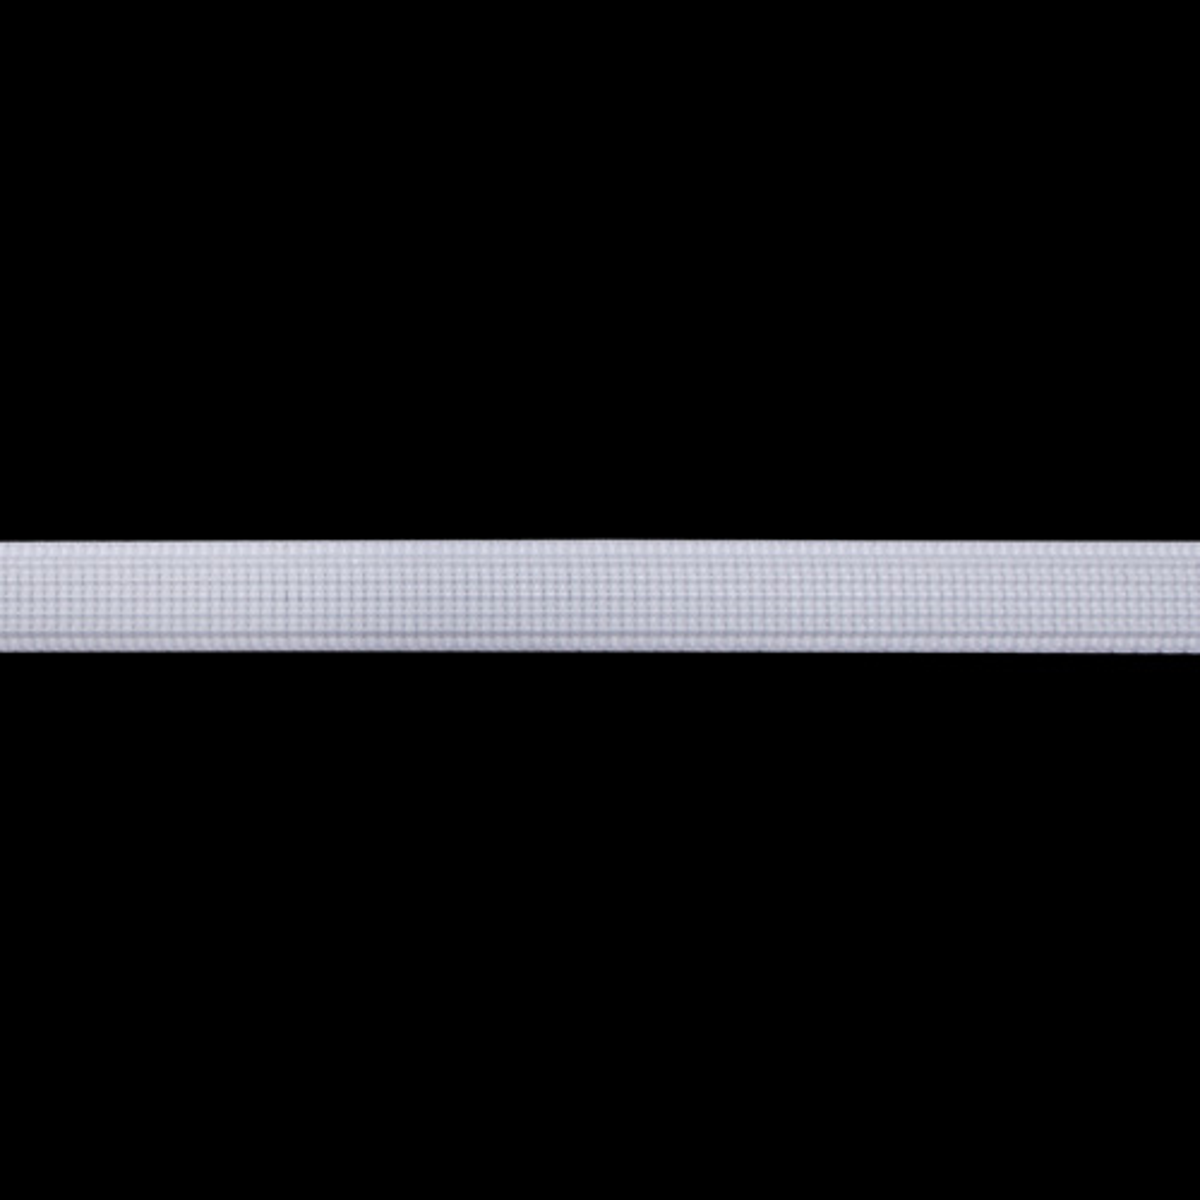 Ригелин 0423-0026, 8мм*50м